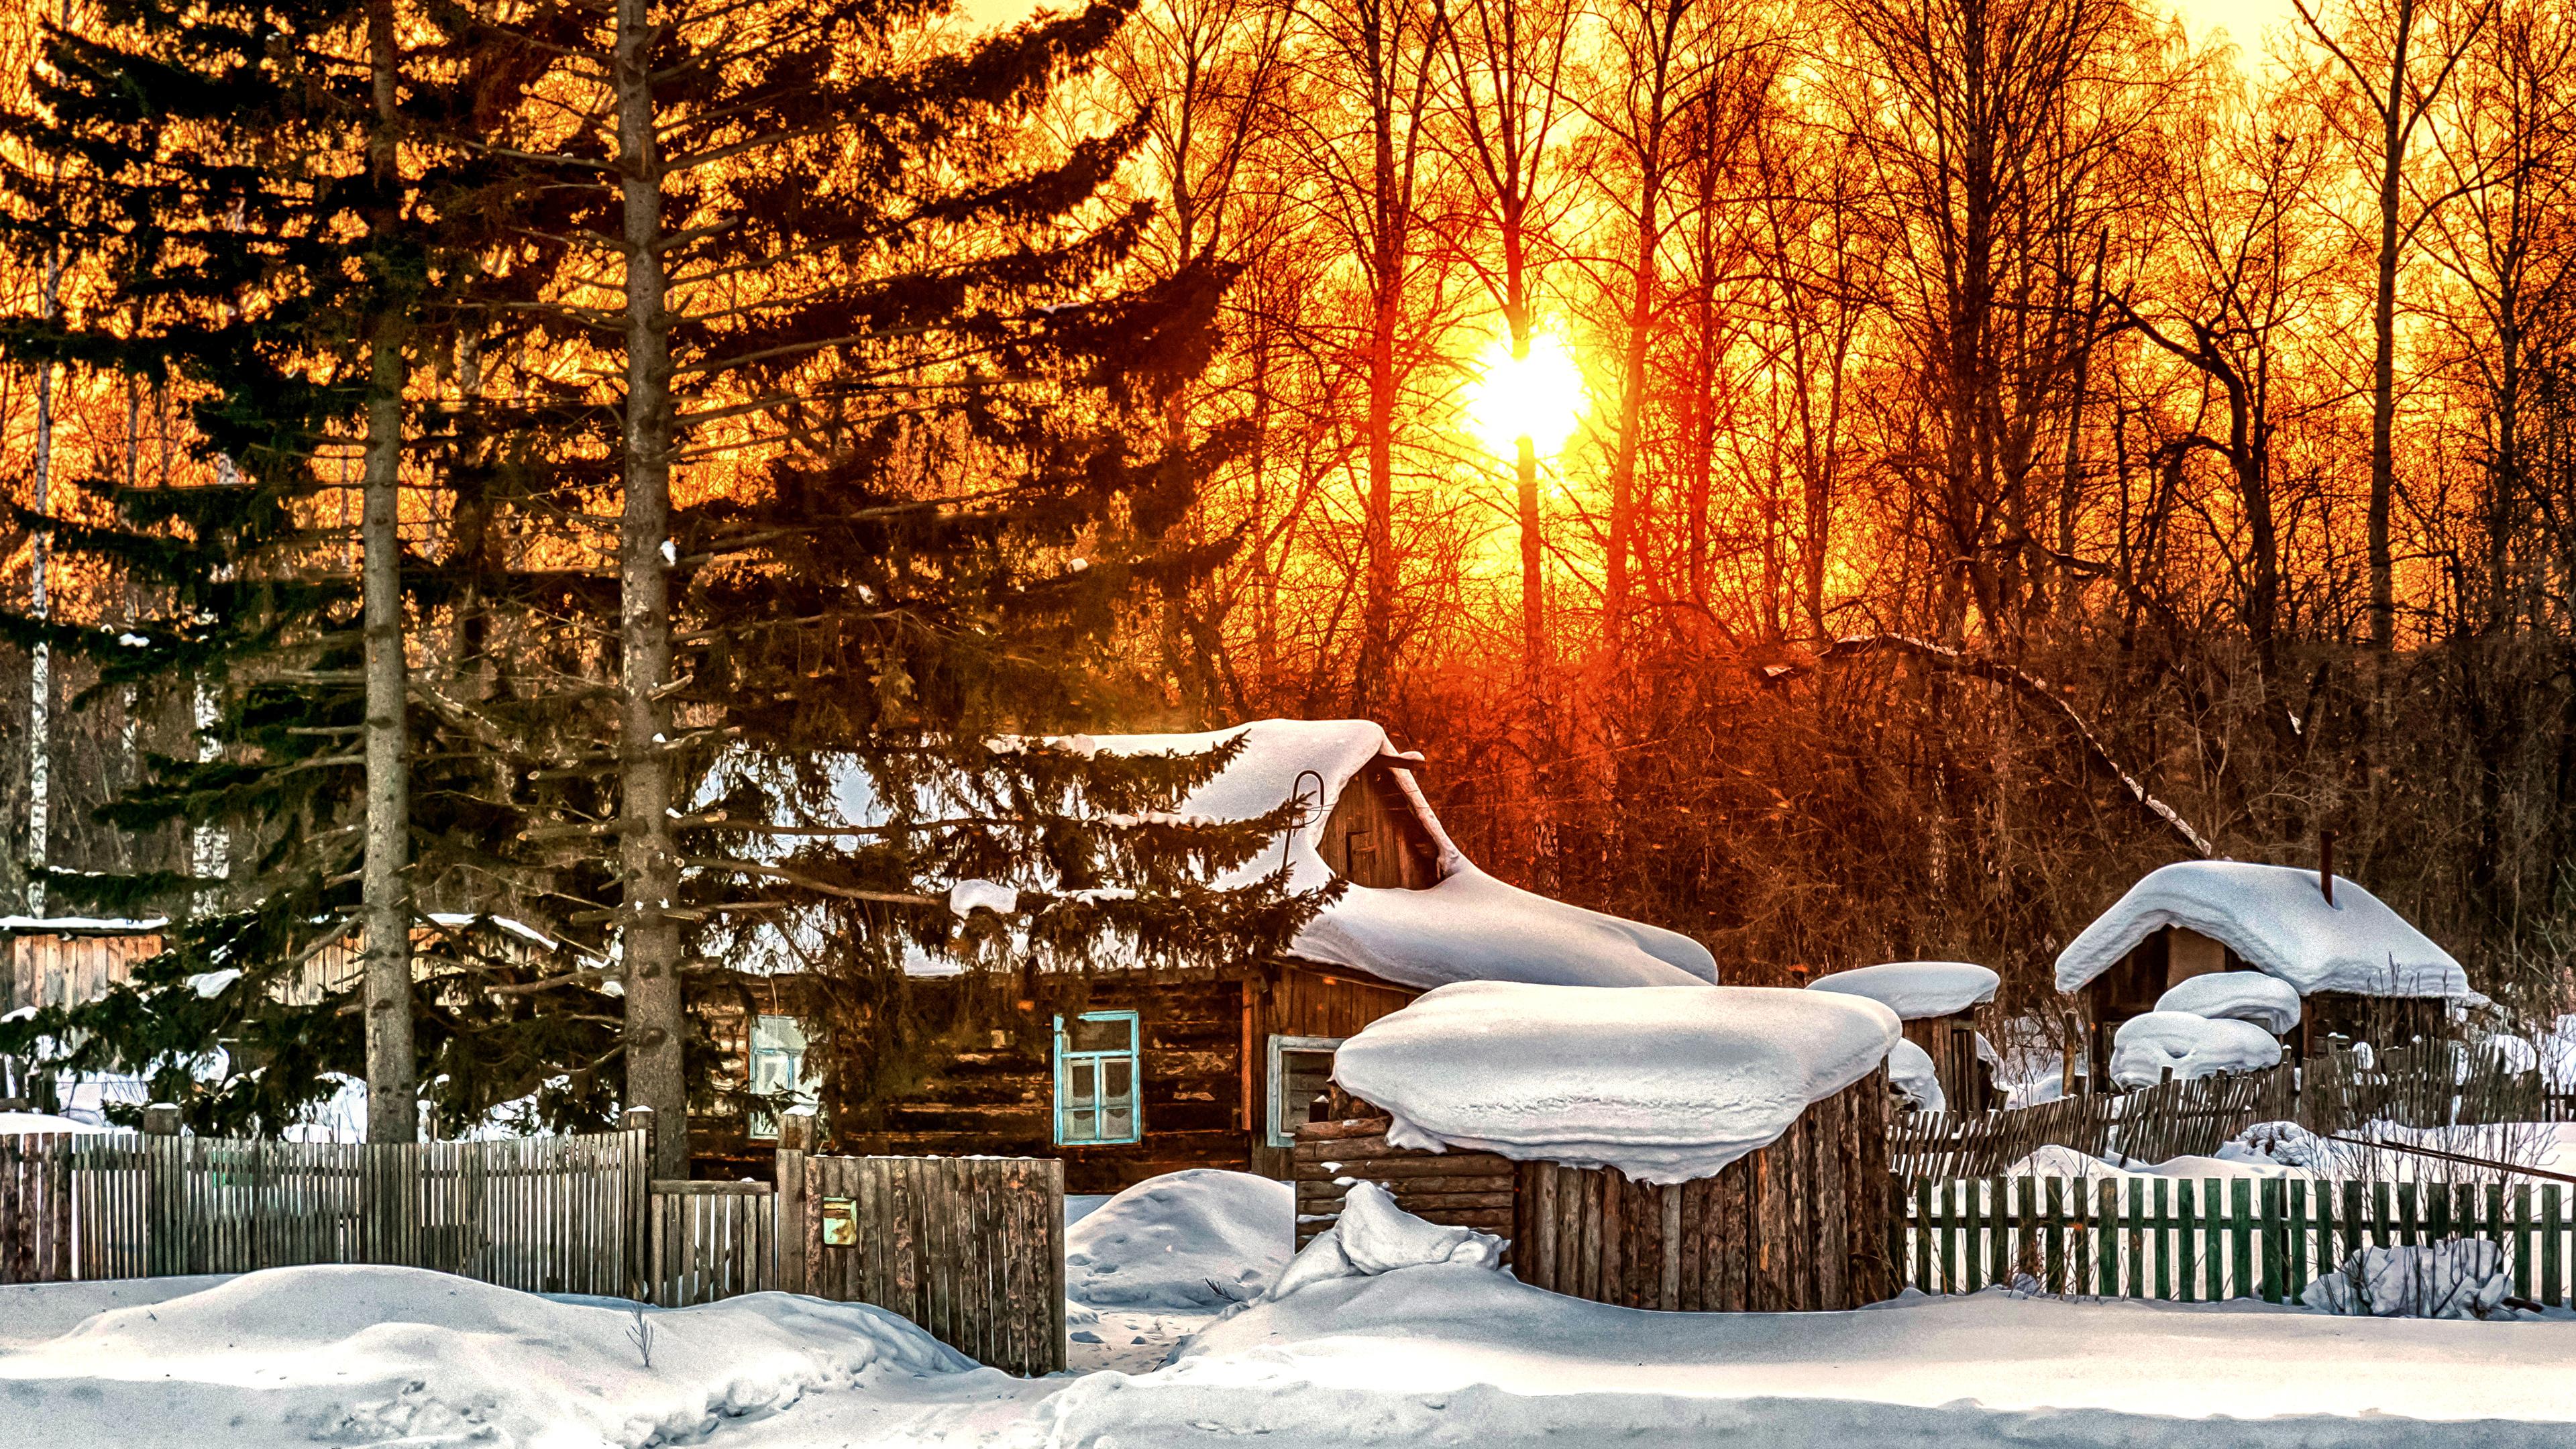 природа снег деревья дом nature snow trees the house загрузить